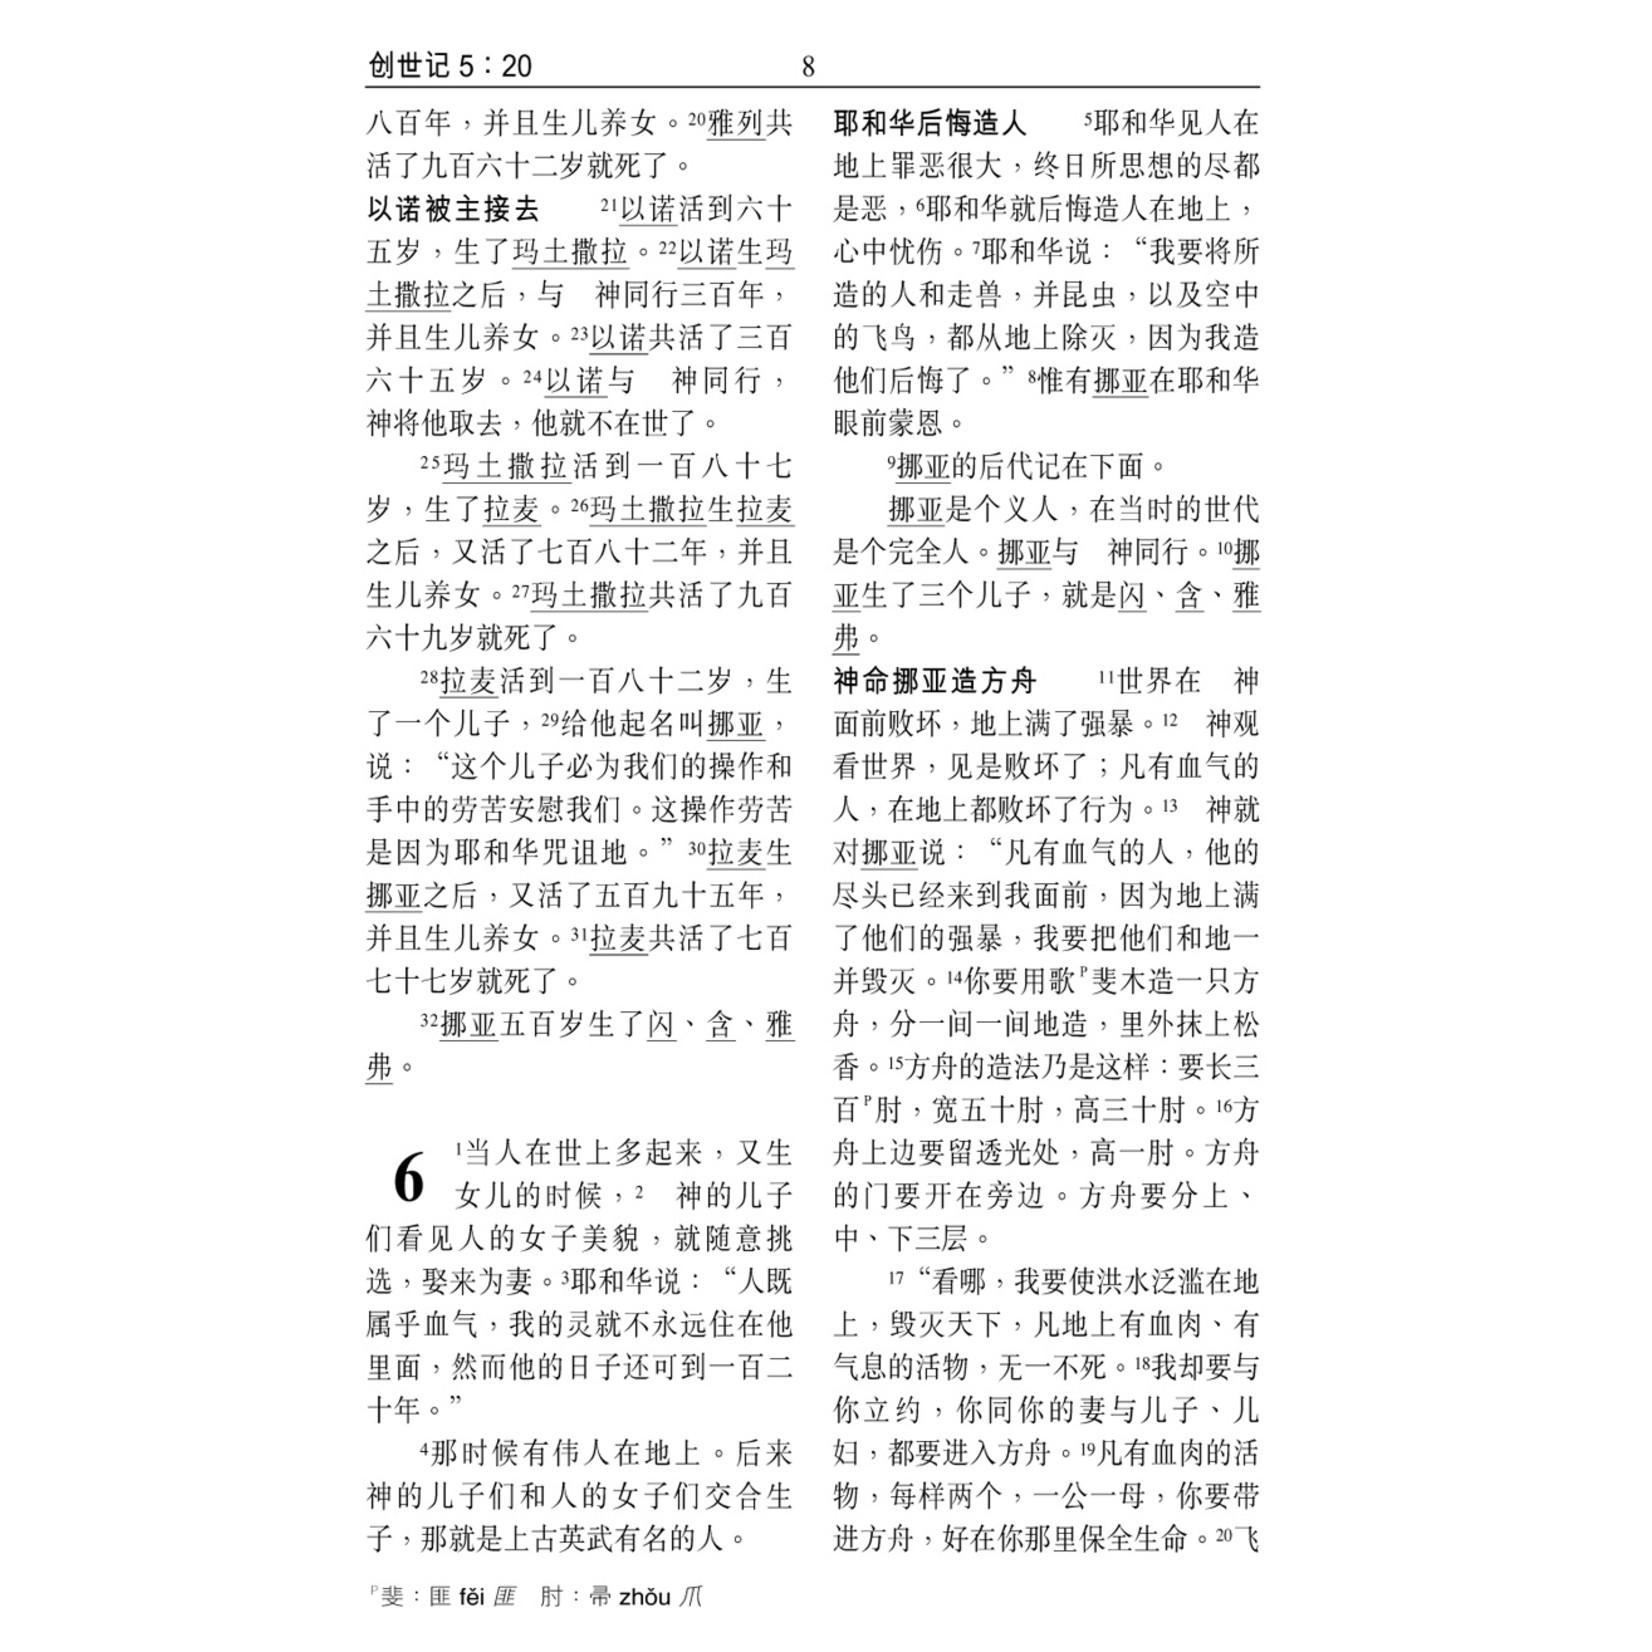 漢語聖經協會 Chinese Bible International 和合本.祈祷应许版拇指版.黑色仿皮面.金边.拉链 Union Version (Prayer & Promise Edition) (Black Leather Zipper Gilt Edge)